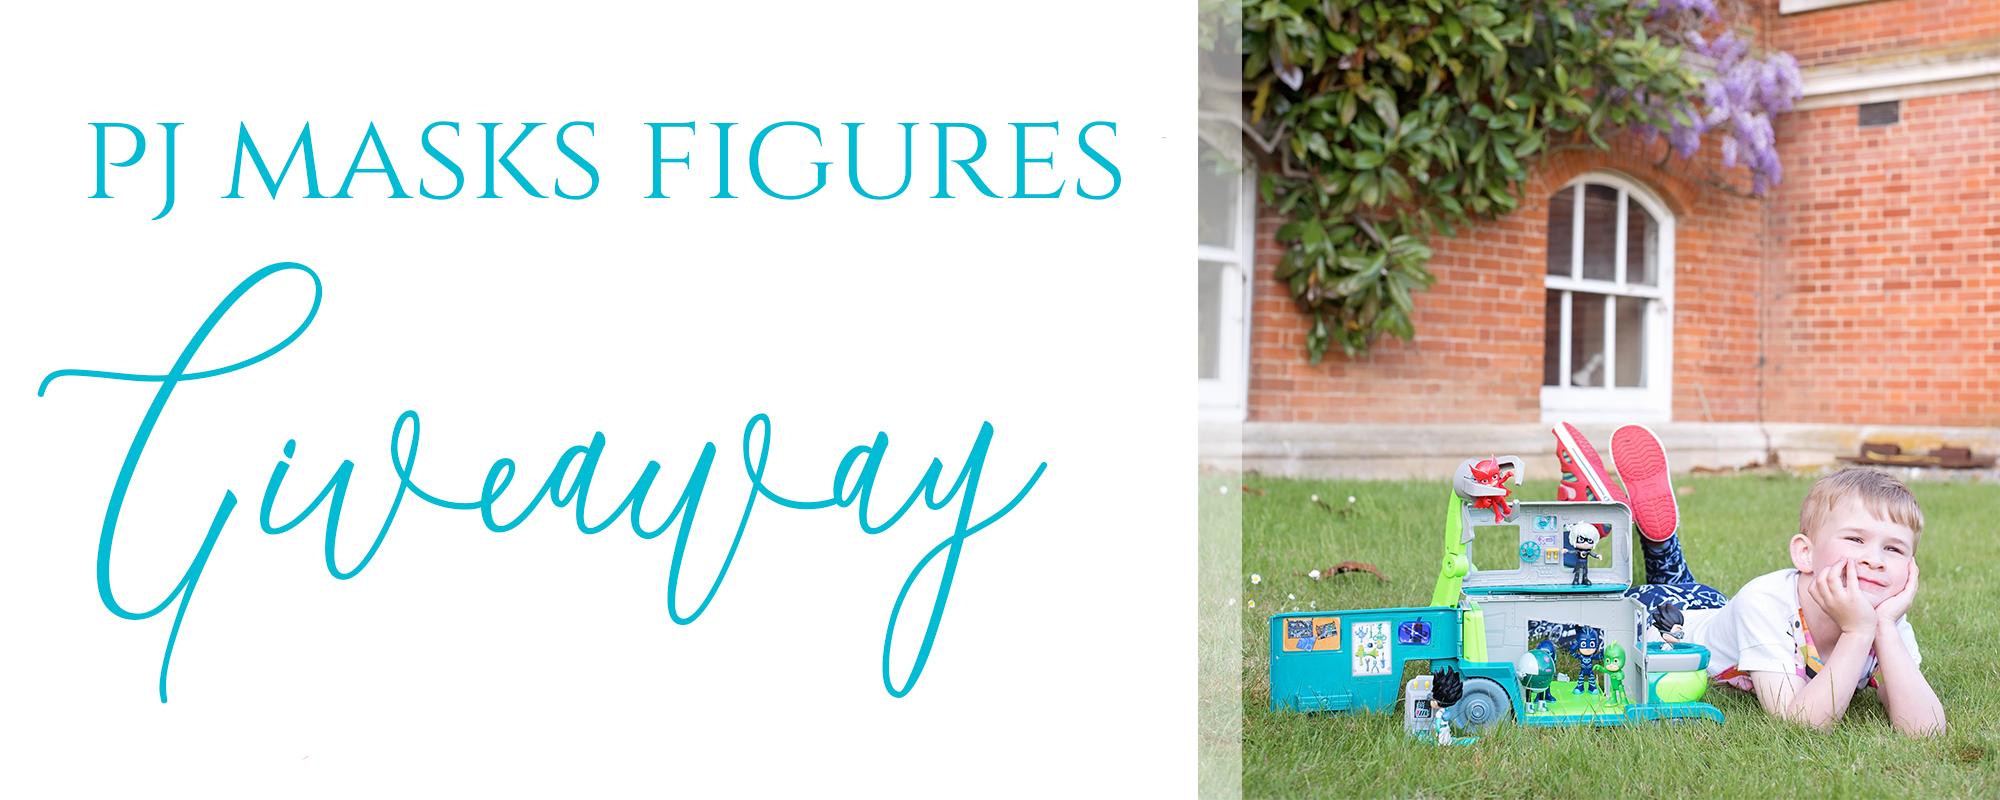 PJ Masks Figures Giveaway